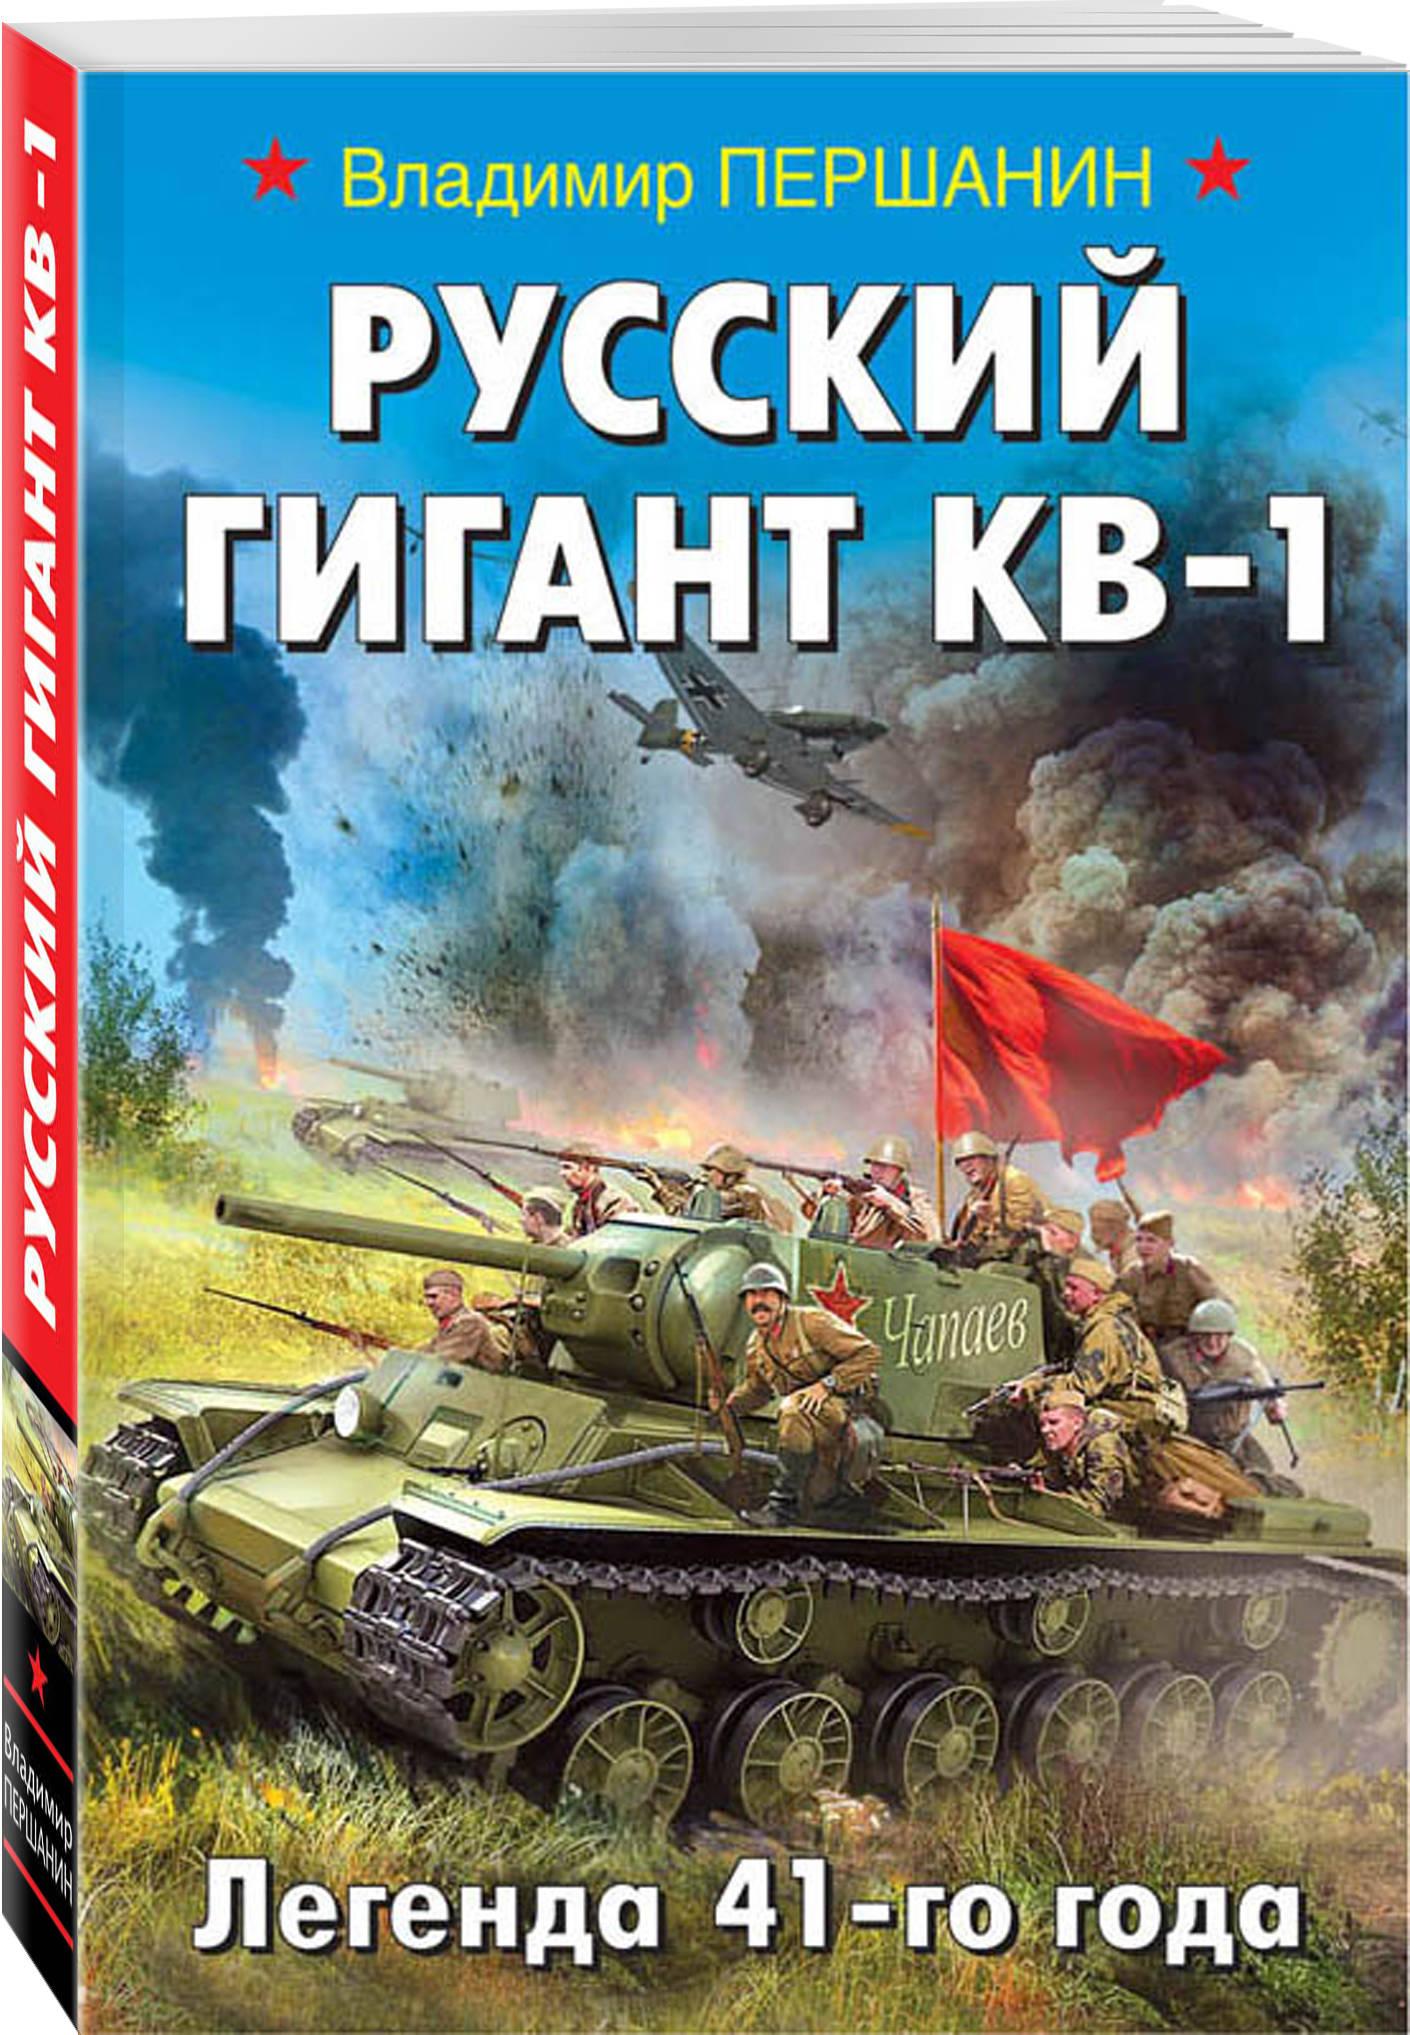 Владимир Першанин Русский гигант КВ-1. Легенда 41-го года кисляков м раскаленная броня танкисты 1941 года